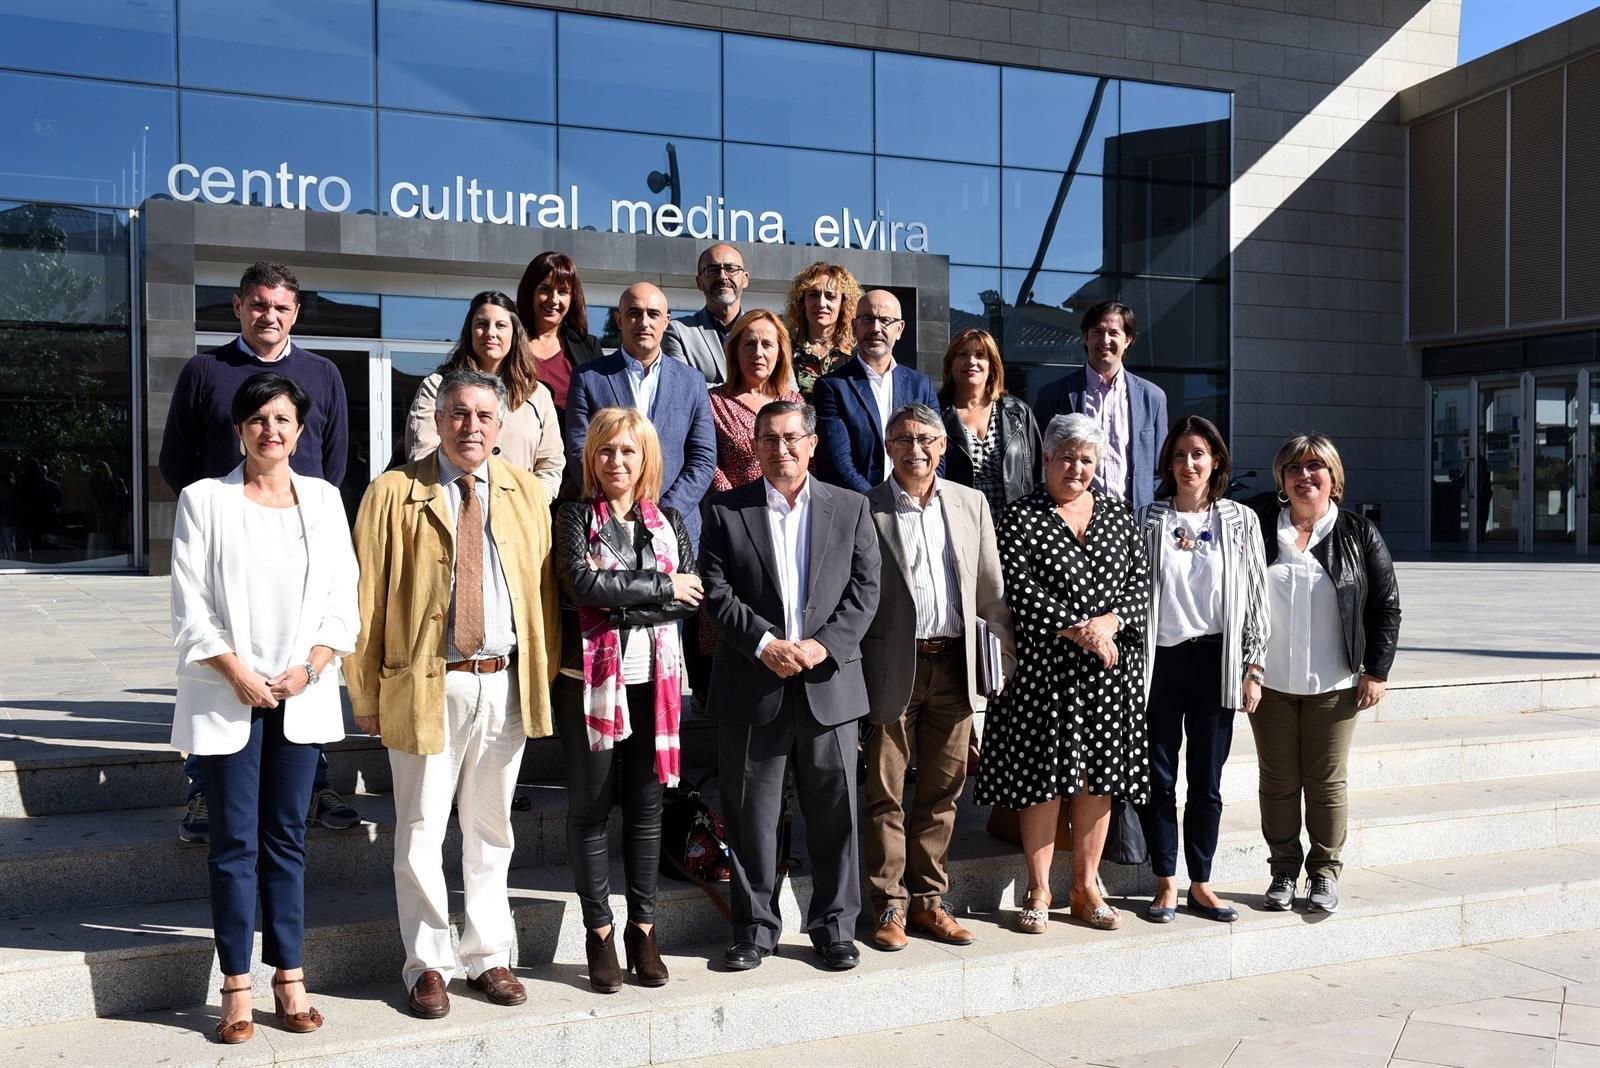 Diputación informa a municipios del área metropolitana norte sobre los programas de concertación